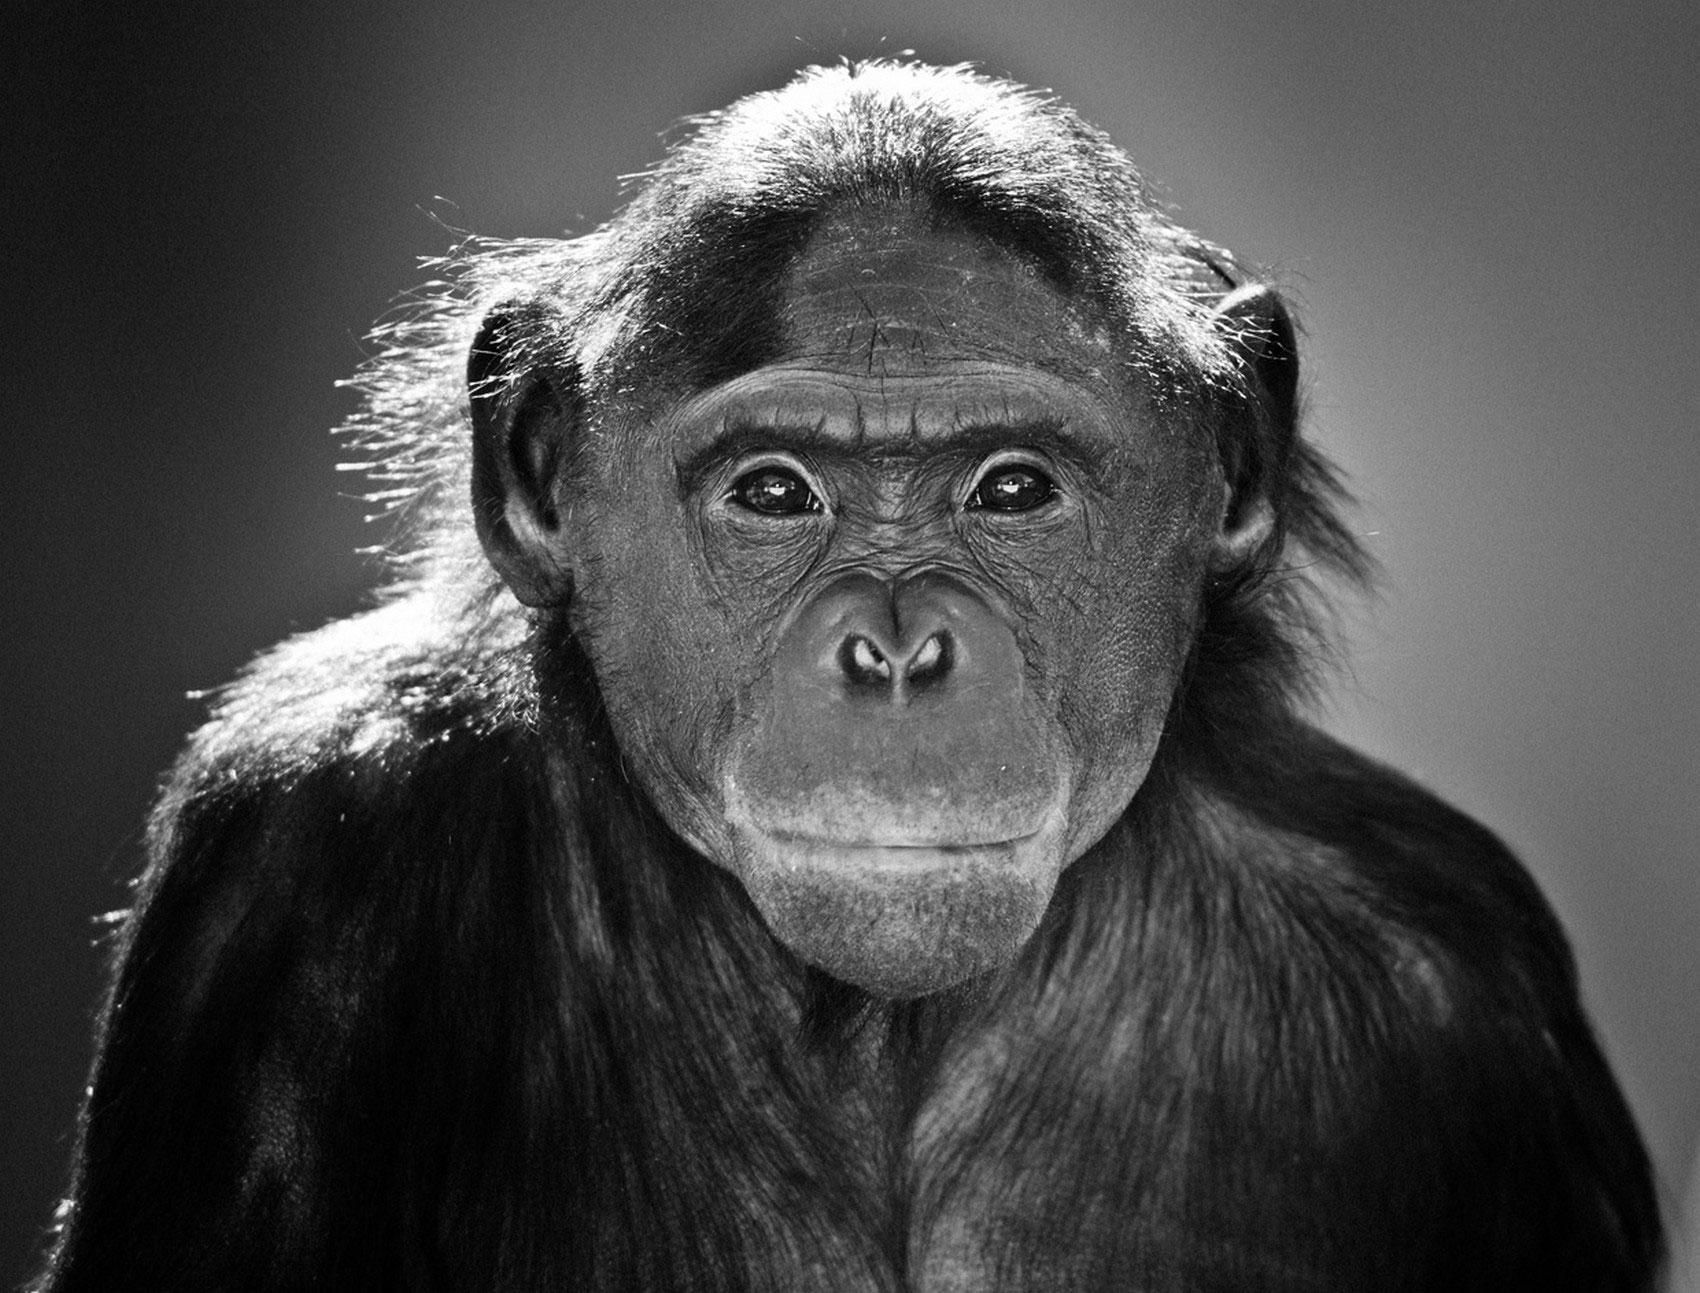 карликовый шимпанзе, фото